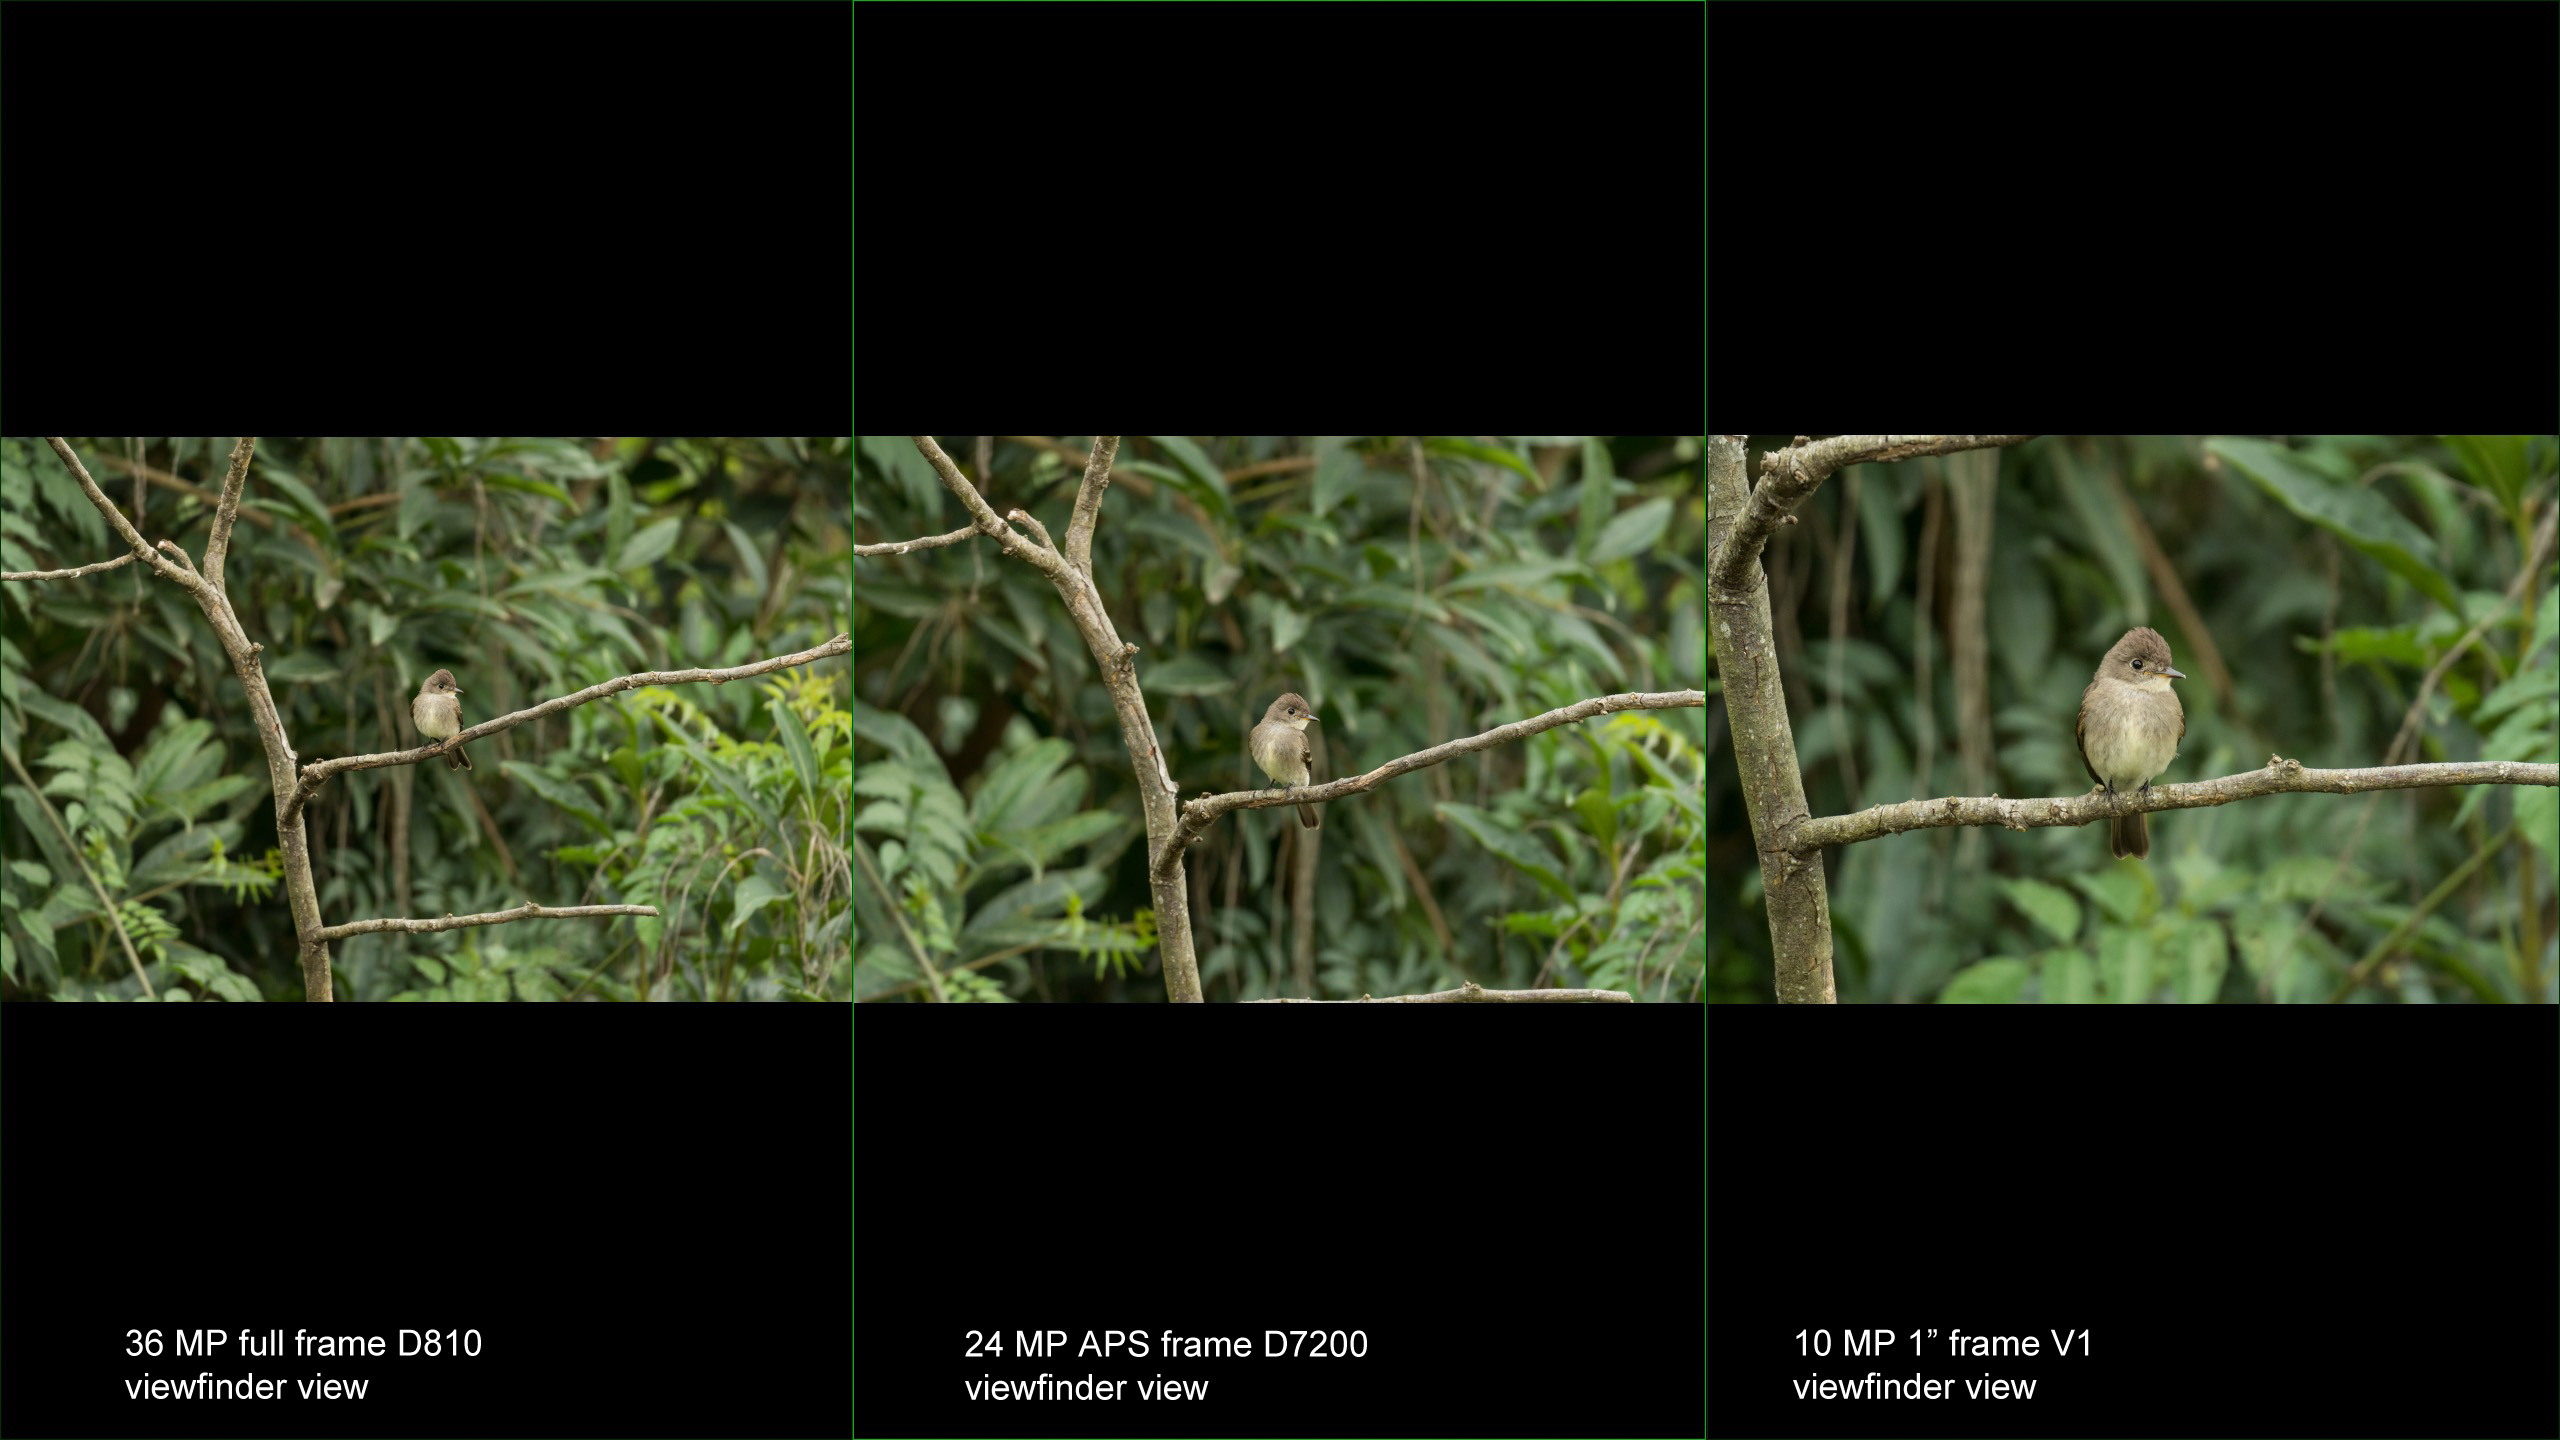 DX vs. FX cameras for wildlife photography   eduardo libby ...